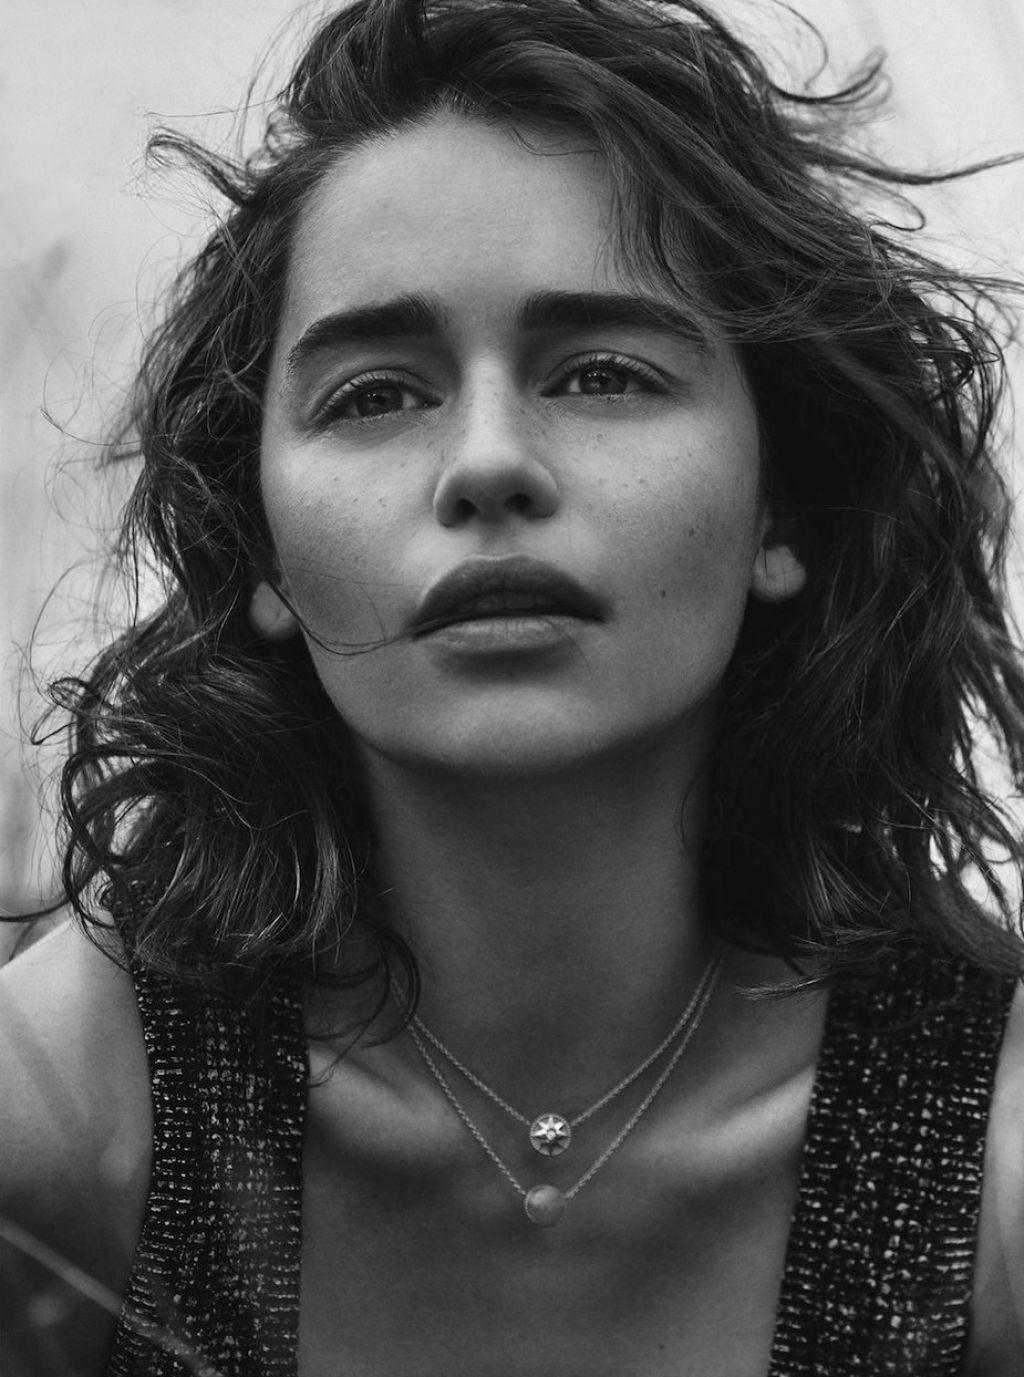 emilia clarke - photo #48